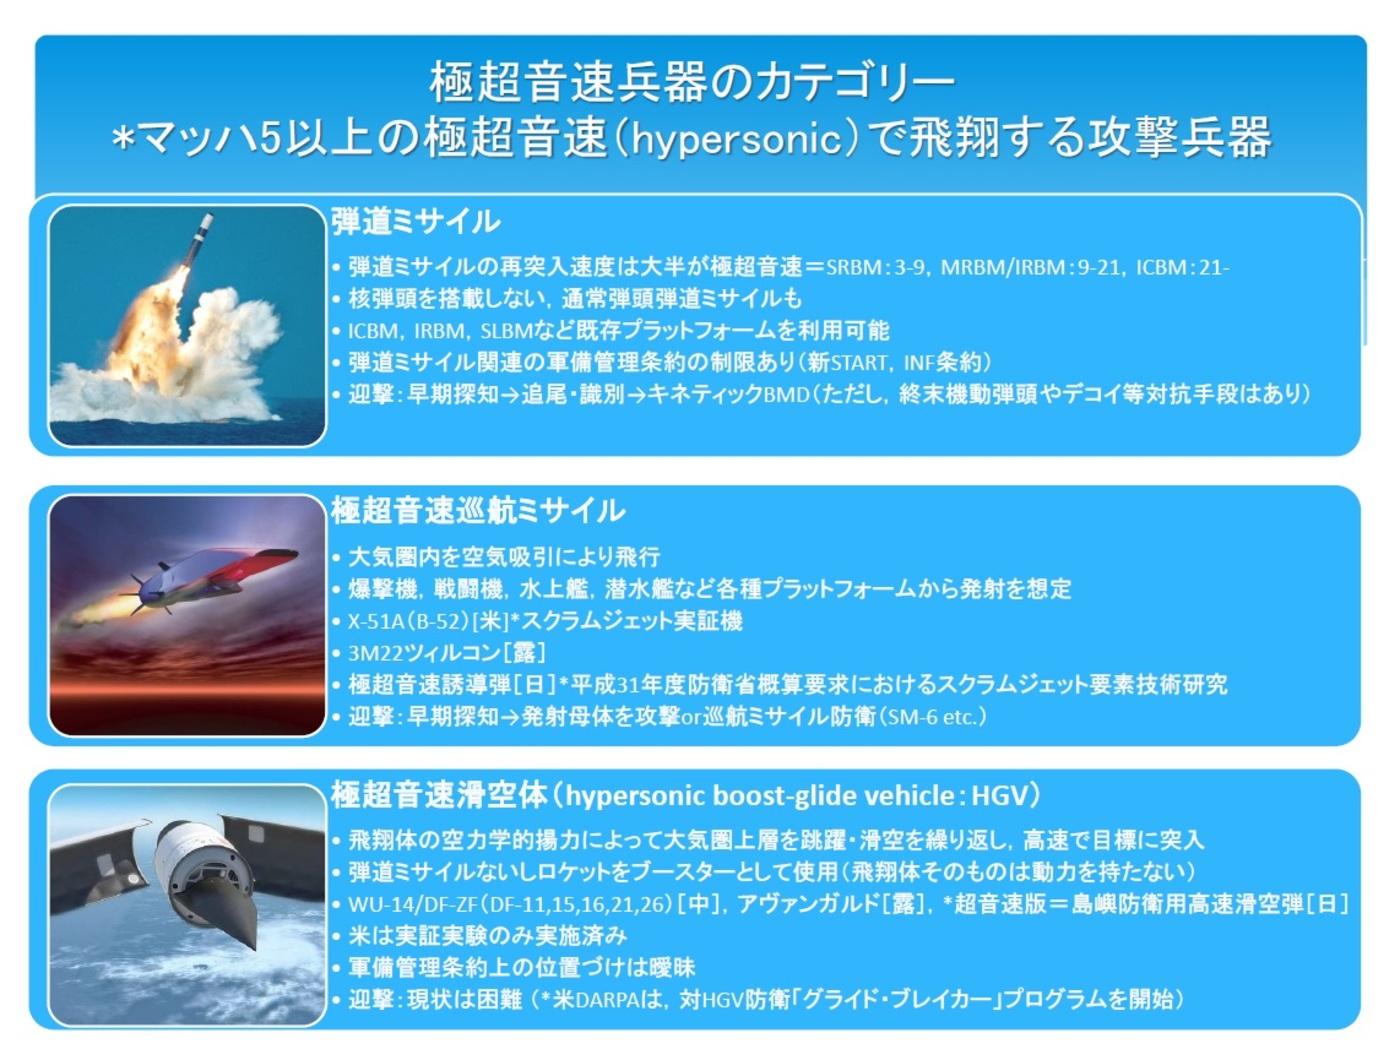 やっと発表、米「ミサイル防衛見直し(MDR)」を読み解く 「極超音速 ...